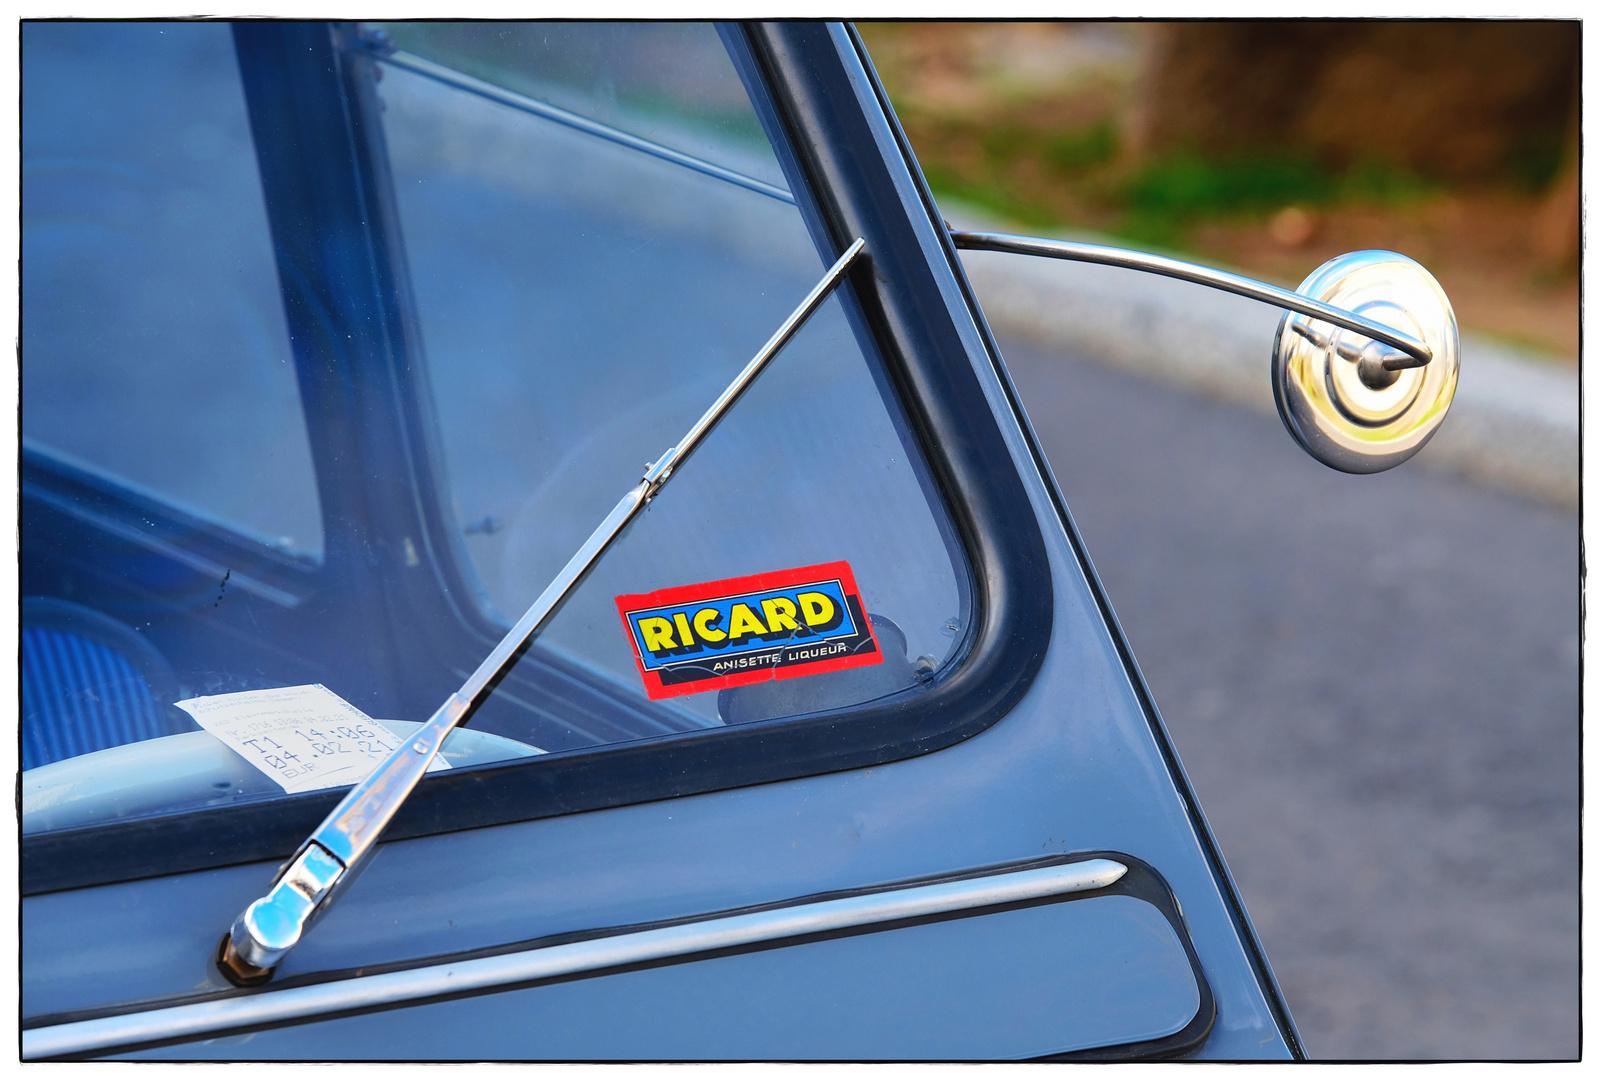 Ricard in Frankfurt